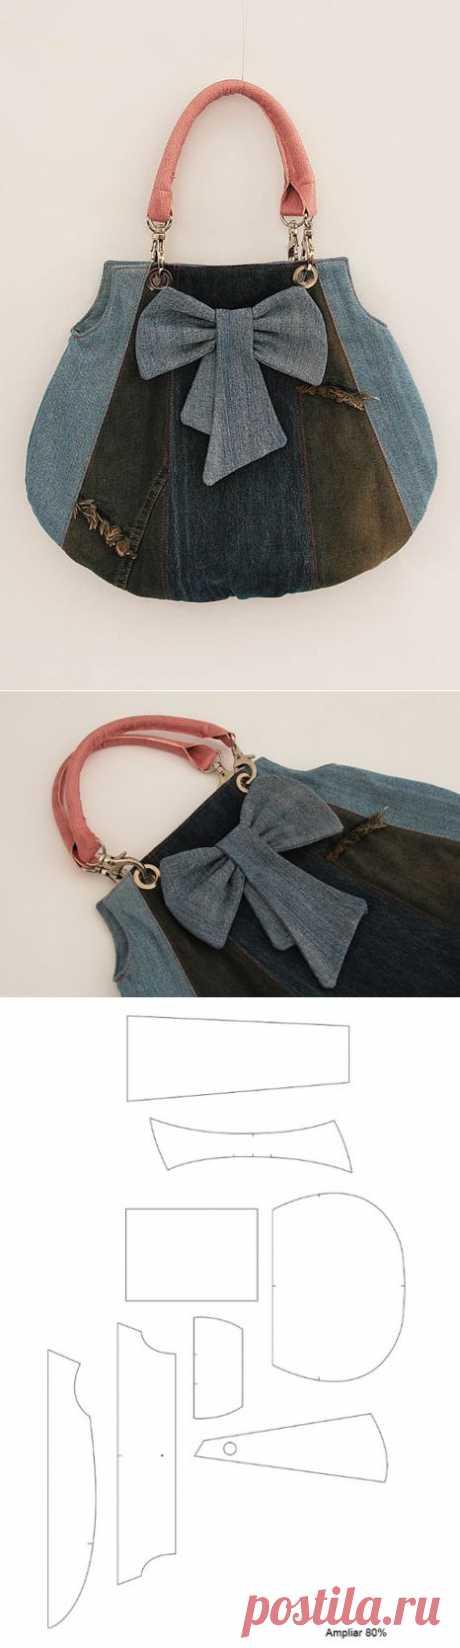 Шьем модную сумку из старых джинсов. Мастер-класс.